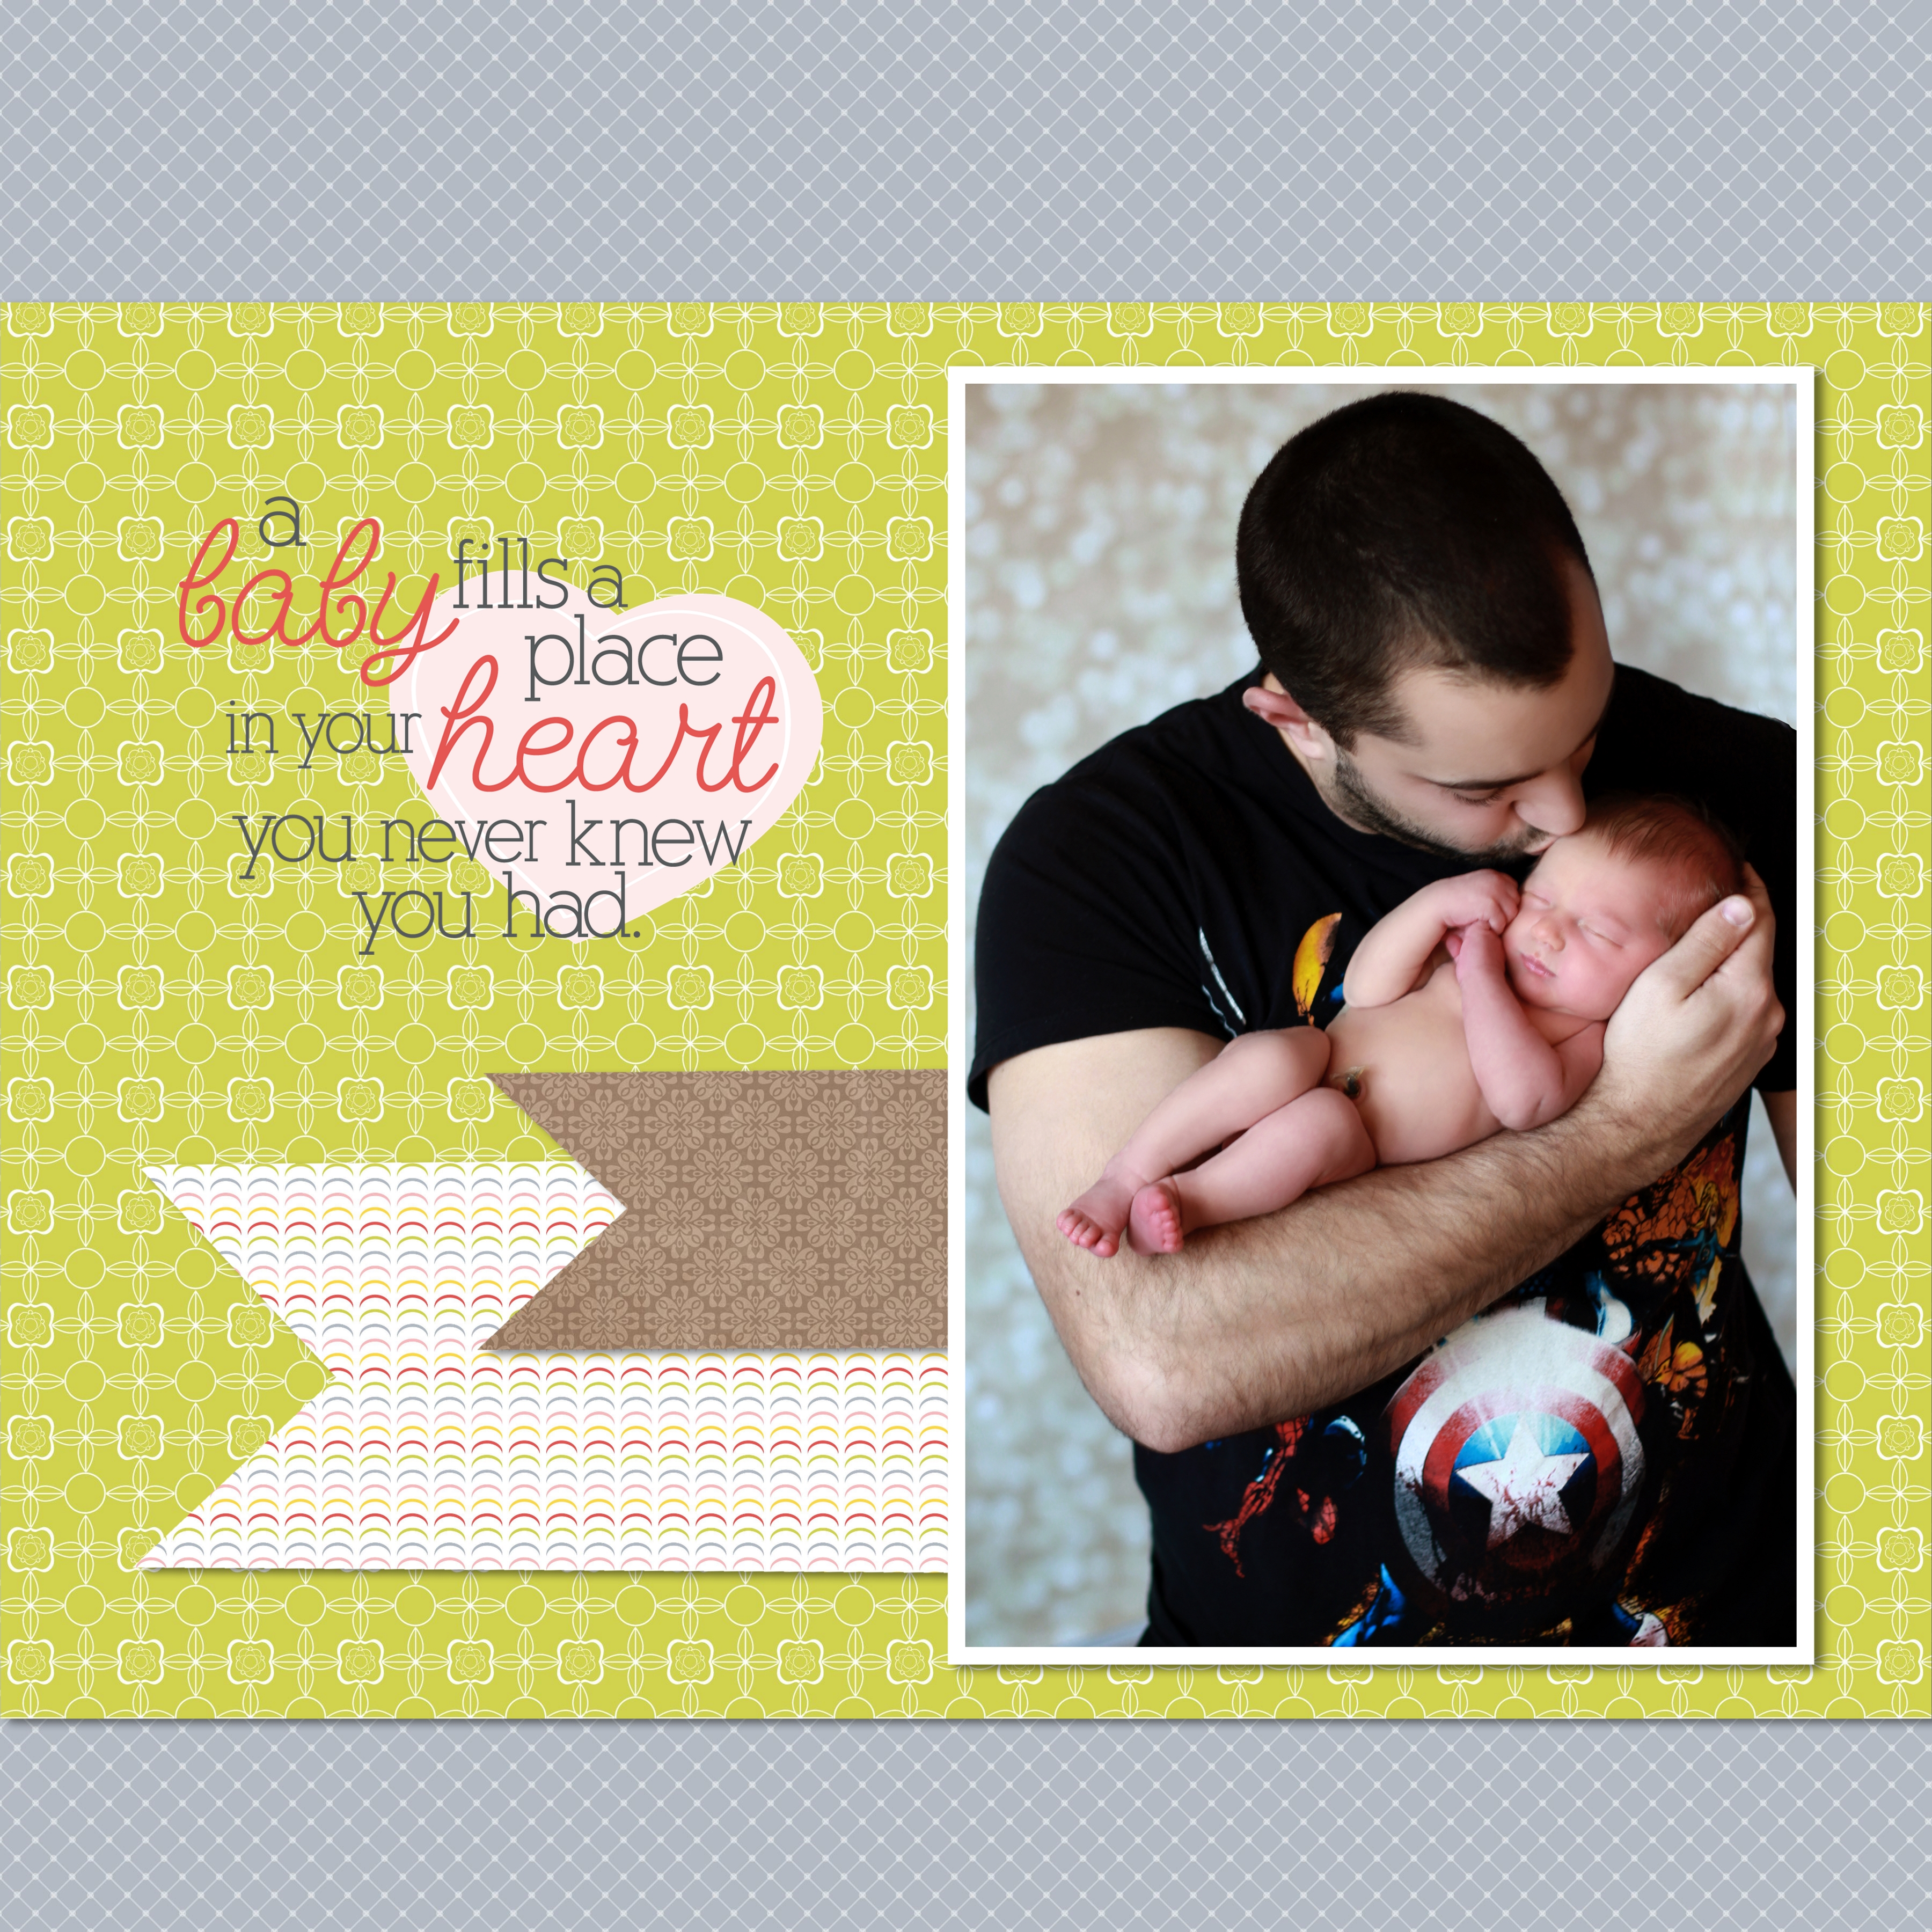 BabyGirl - Page 015.jpg